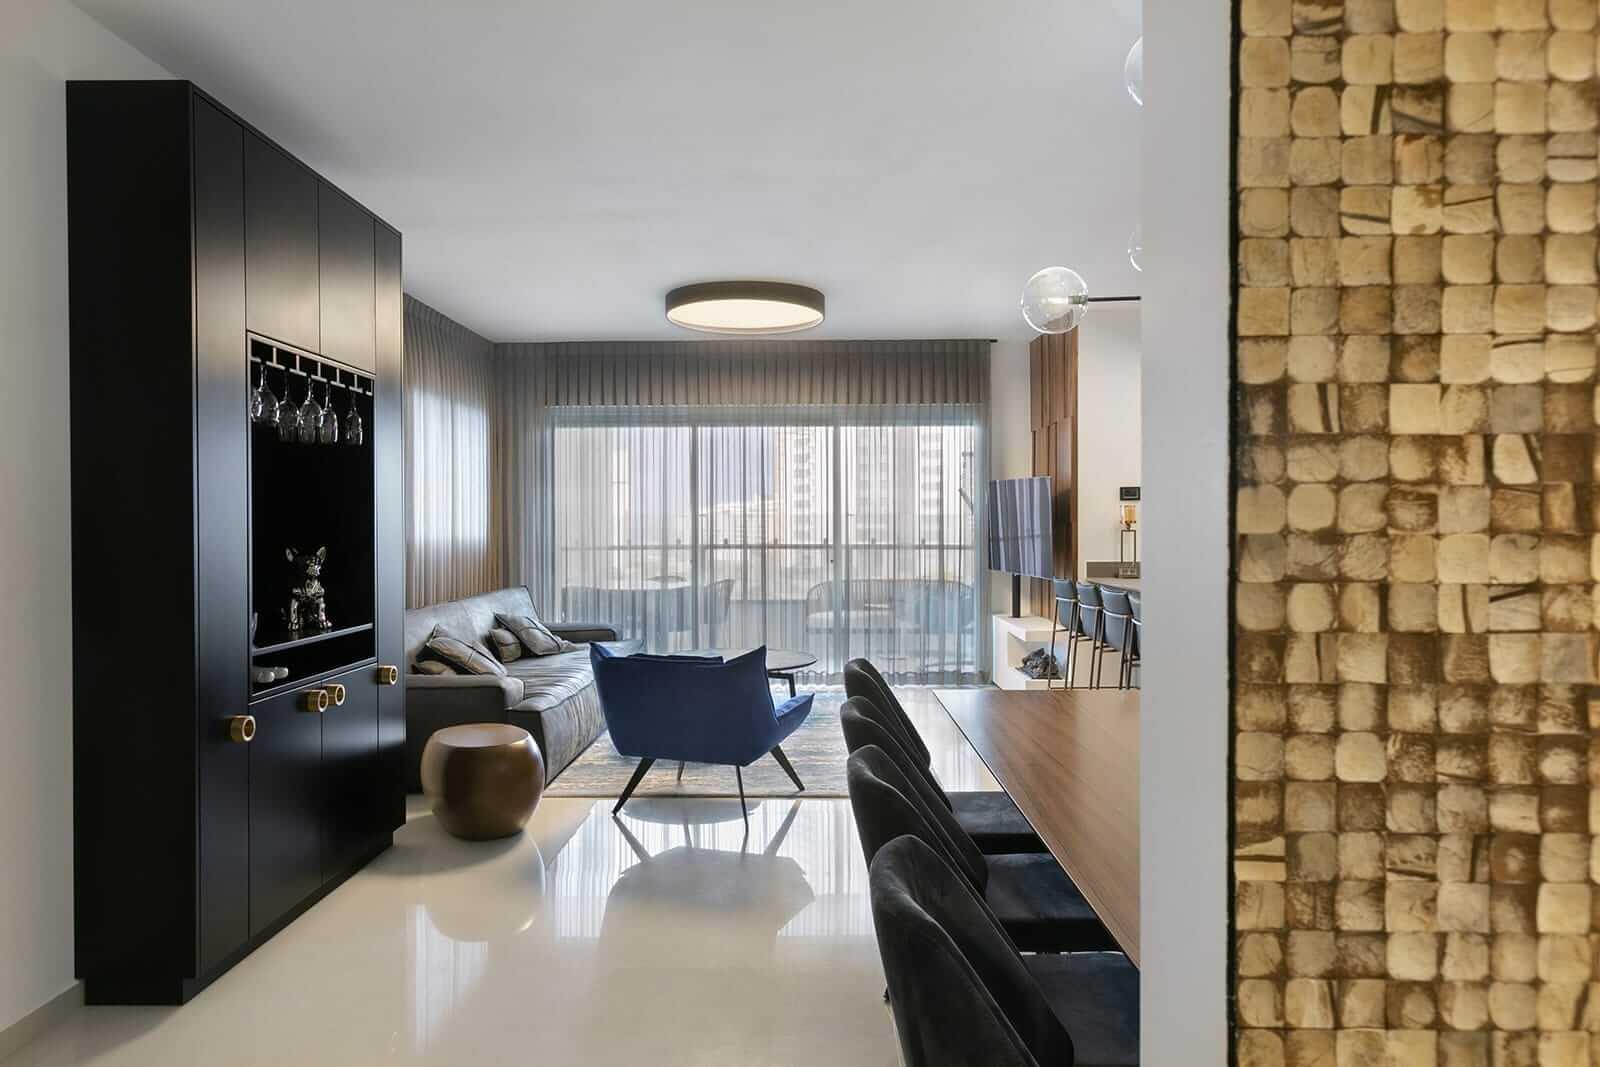 תאורה עגולה צמודה לתקרה בסלון